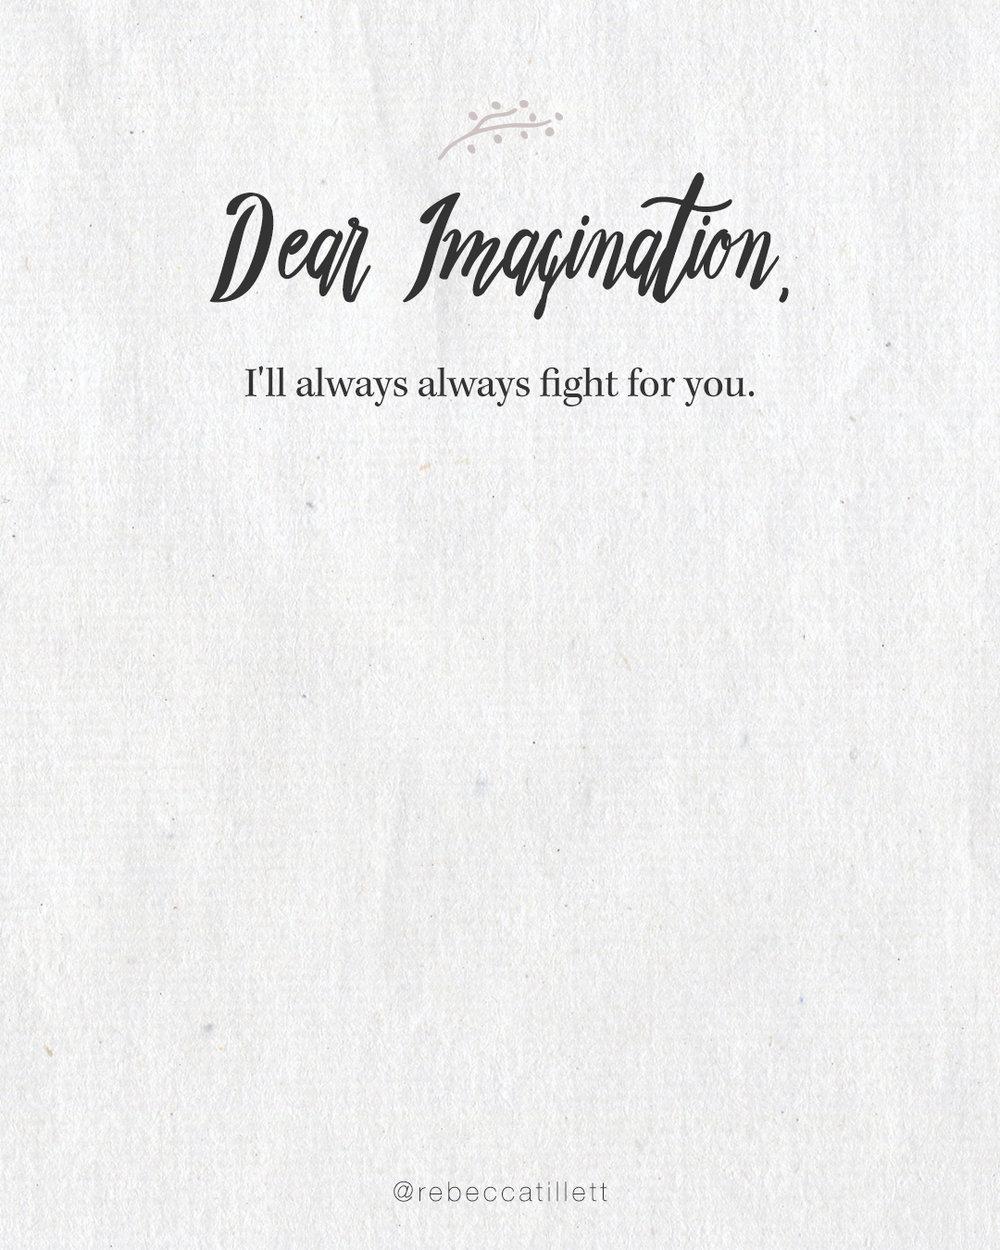 Dear Imagination